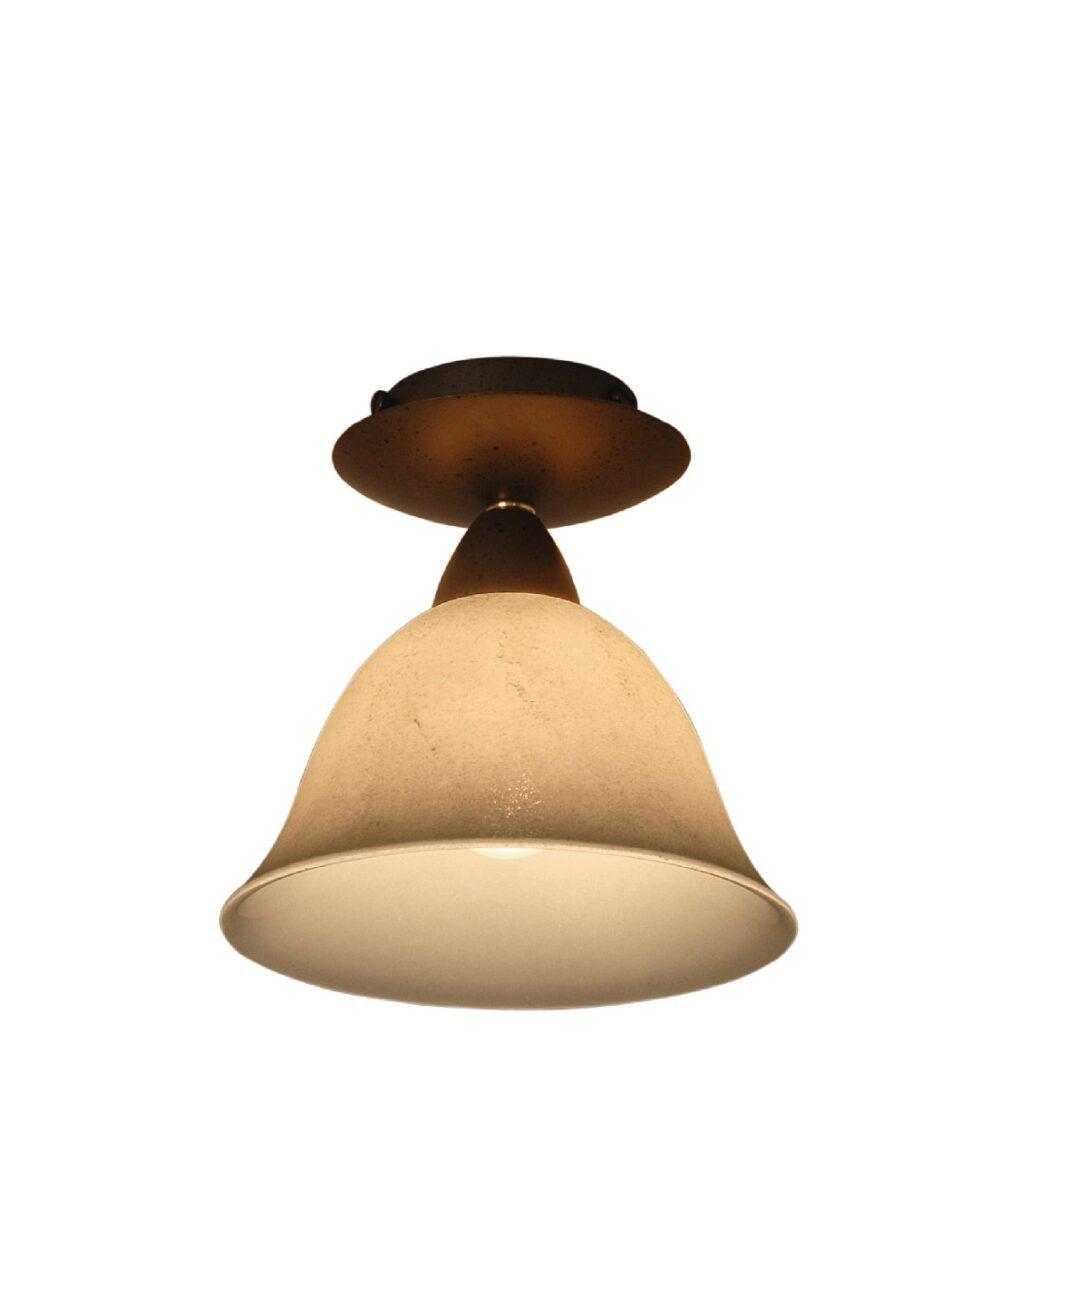 Large Size of Landhaus Lampen Leuchten Rustikal Einfach Online Kaufen Wohnzimmer Landhausstil Landhausküche Gebraucht Deckenlampen Küche Betten Schlafzimmer Boxspring Bett Wohnzimmer Landhaus Lampen